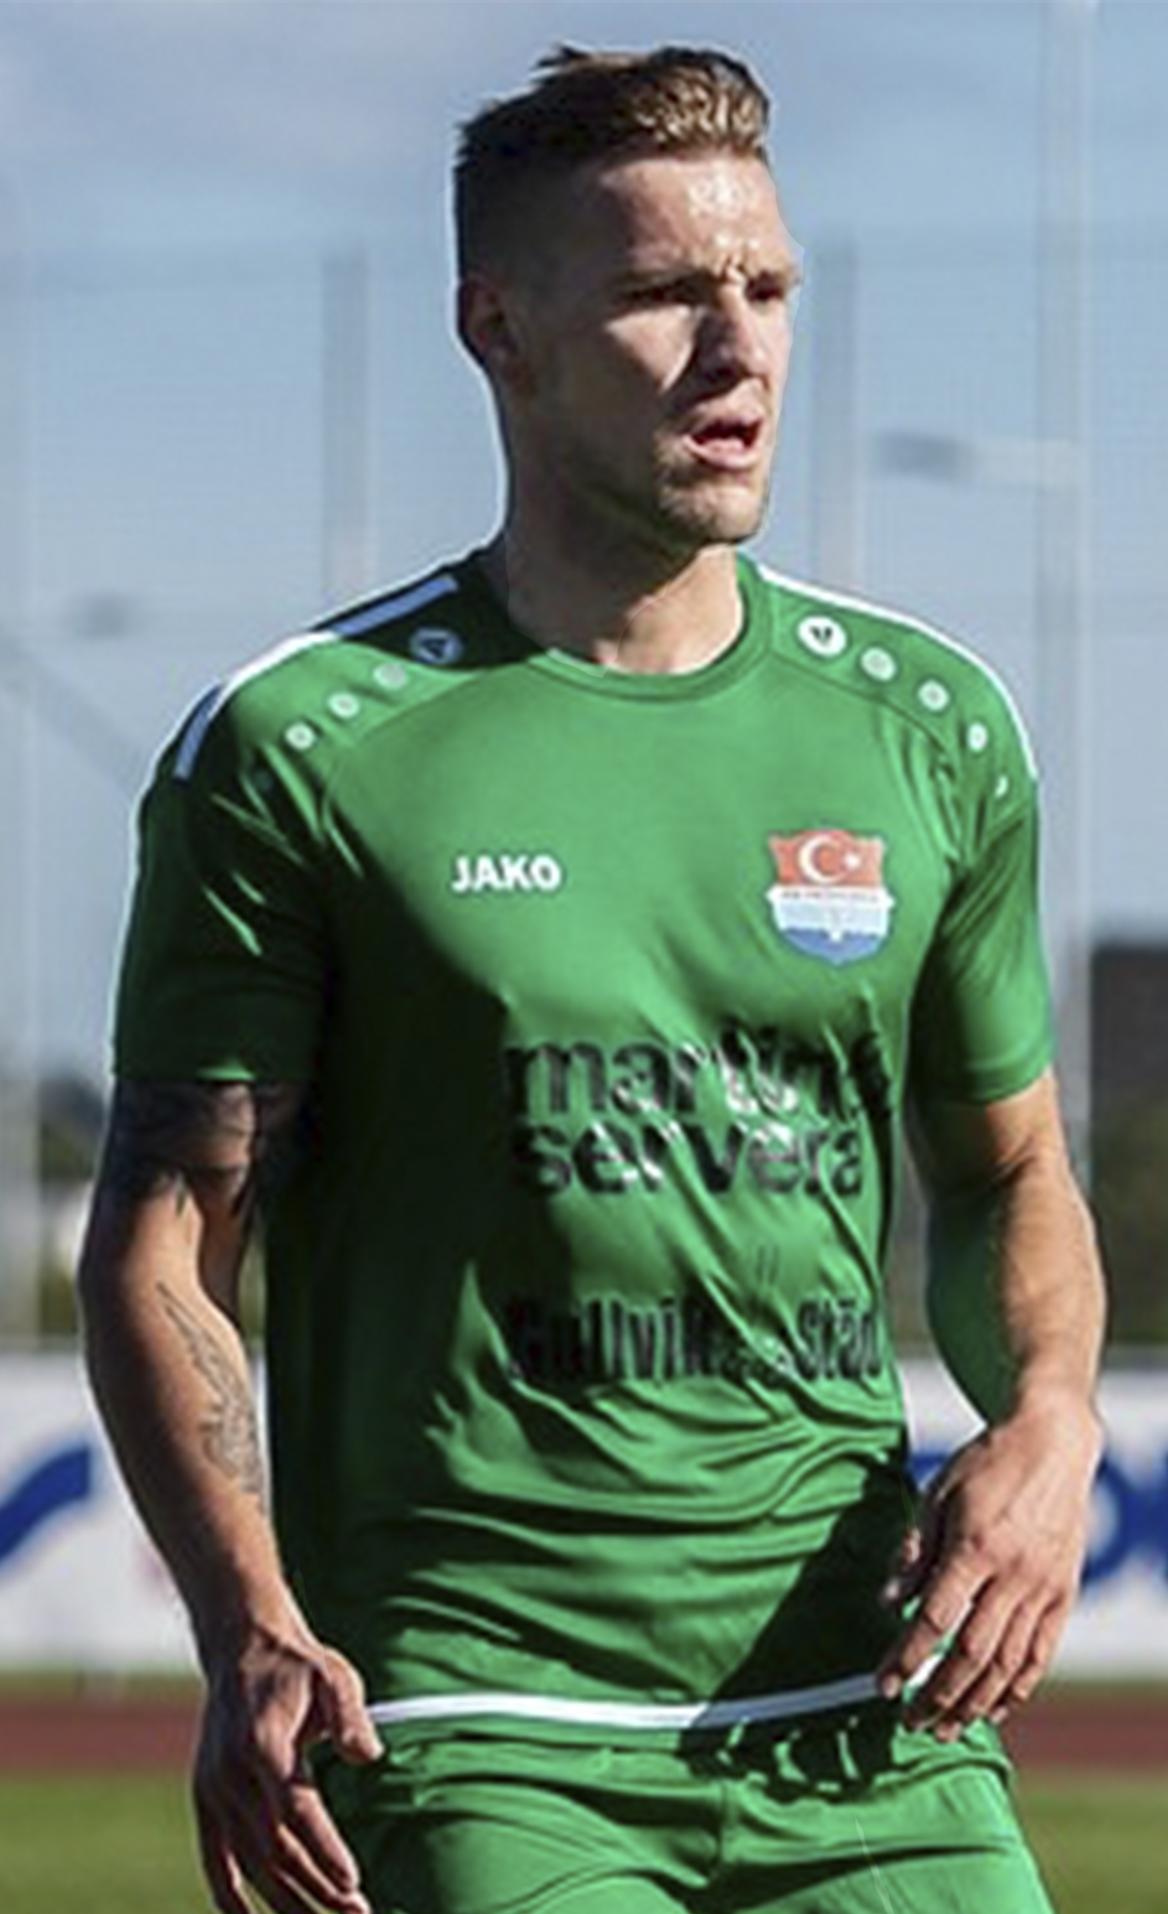 6. Emil Grimbe